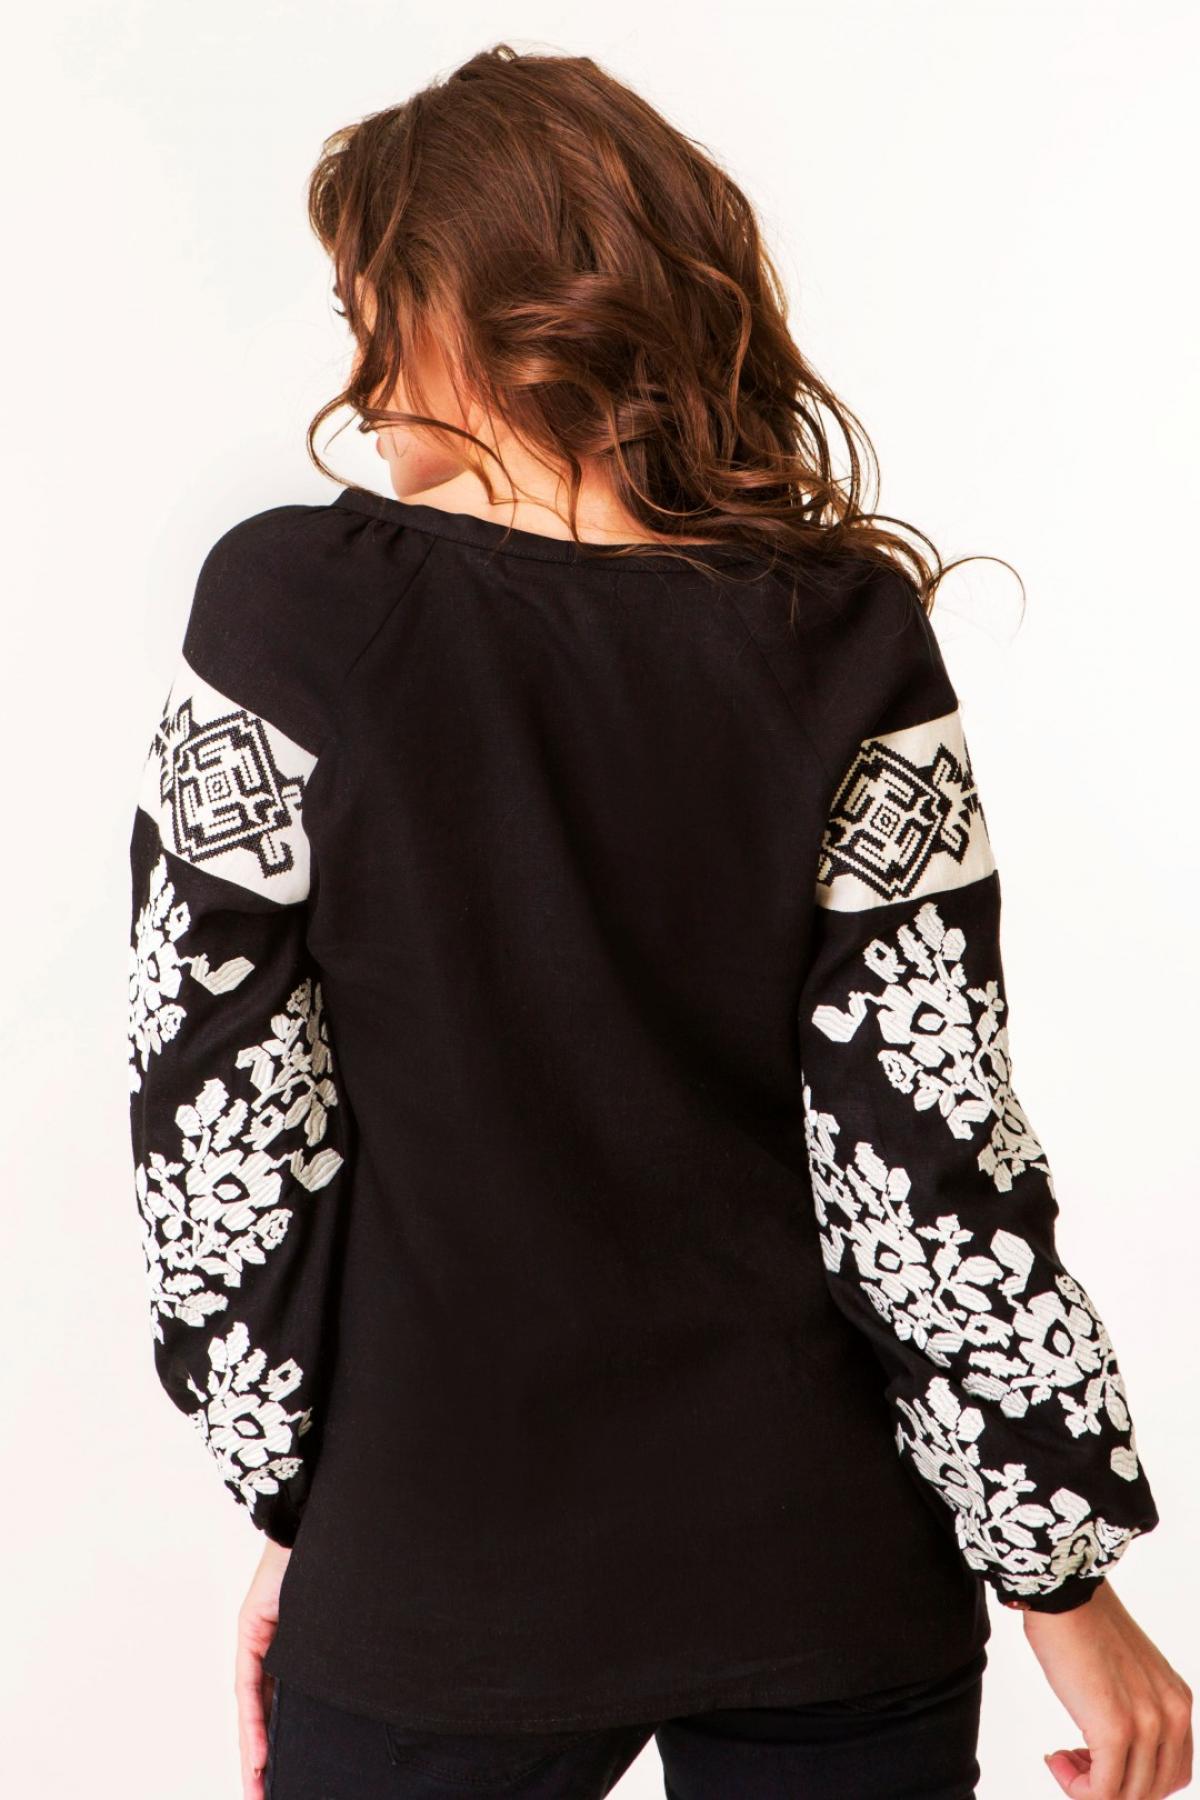 Черная льняная женская вышитая рубашка с молочной вышивкой. Фото №4. | Народный дом Украина